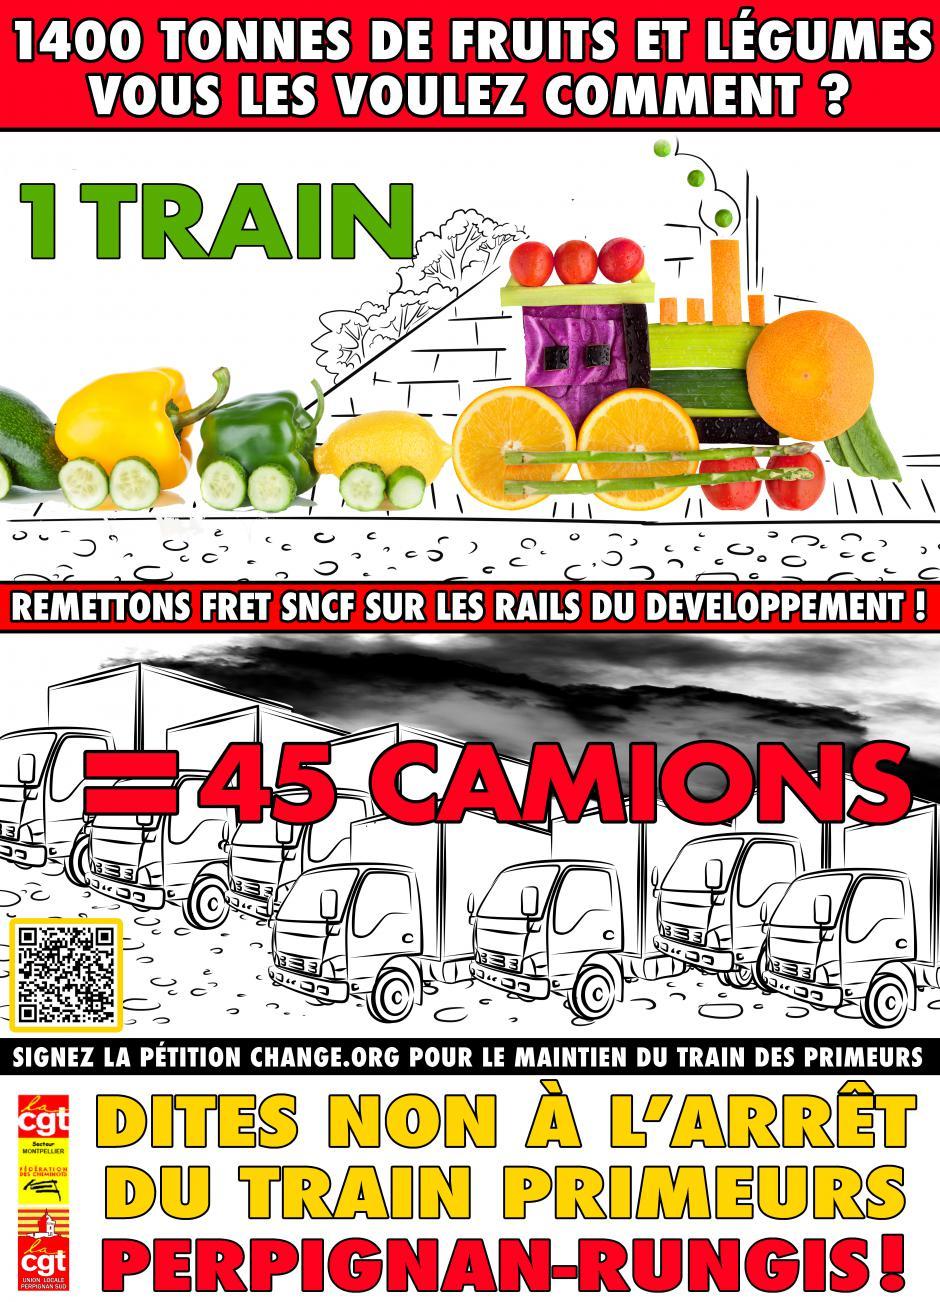 30 jours pour sauver le train des primeurs Perpignan-Rungis